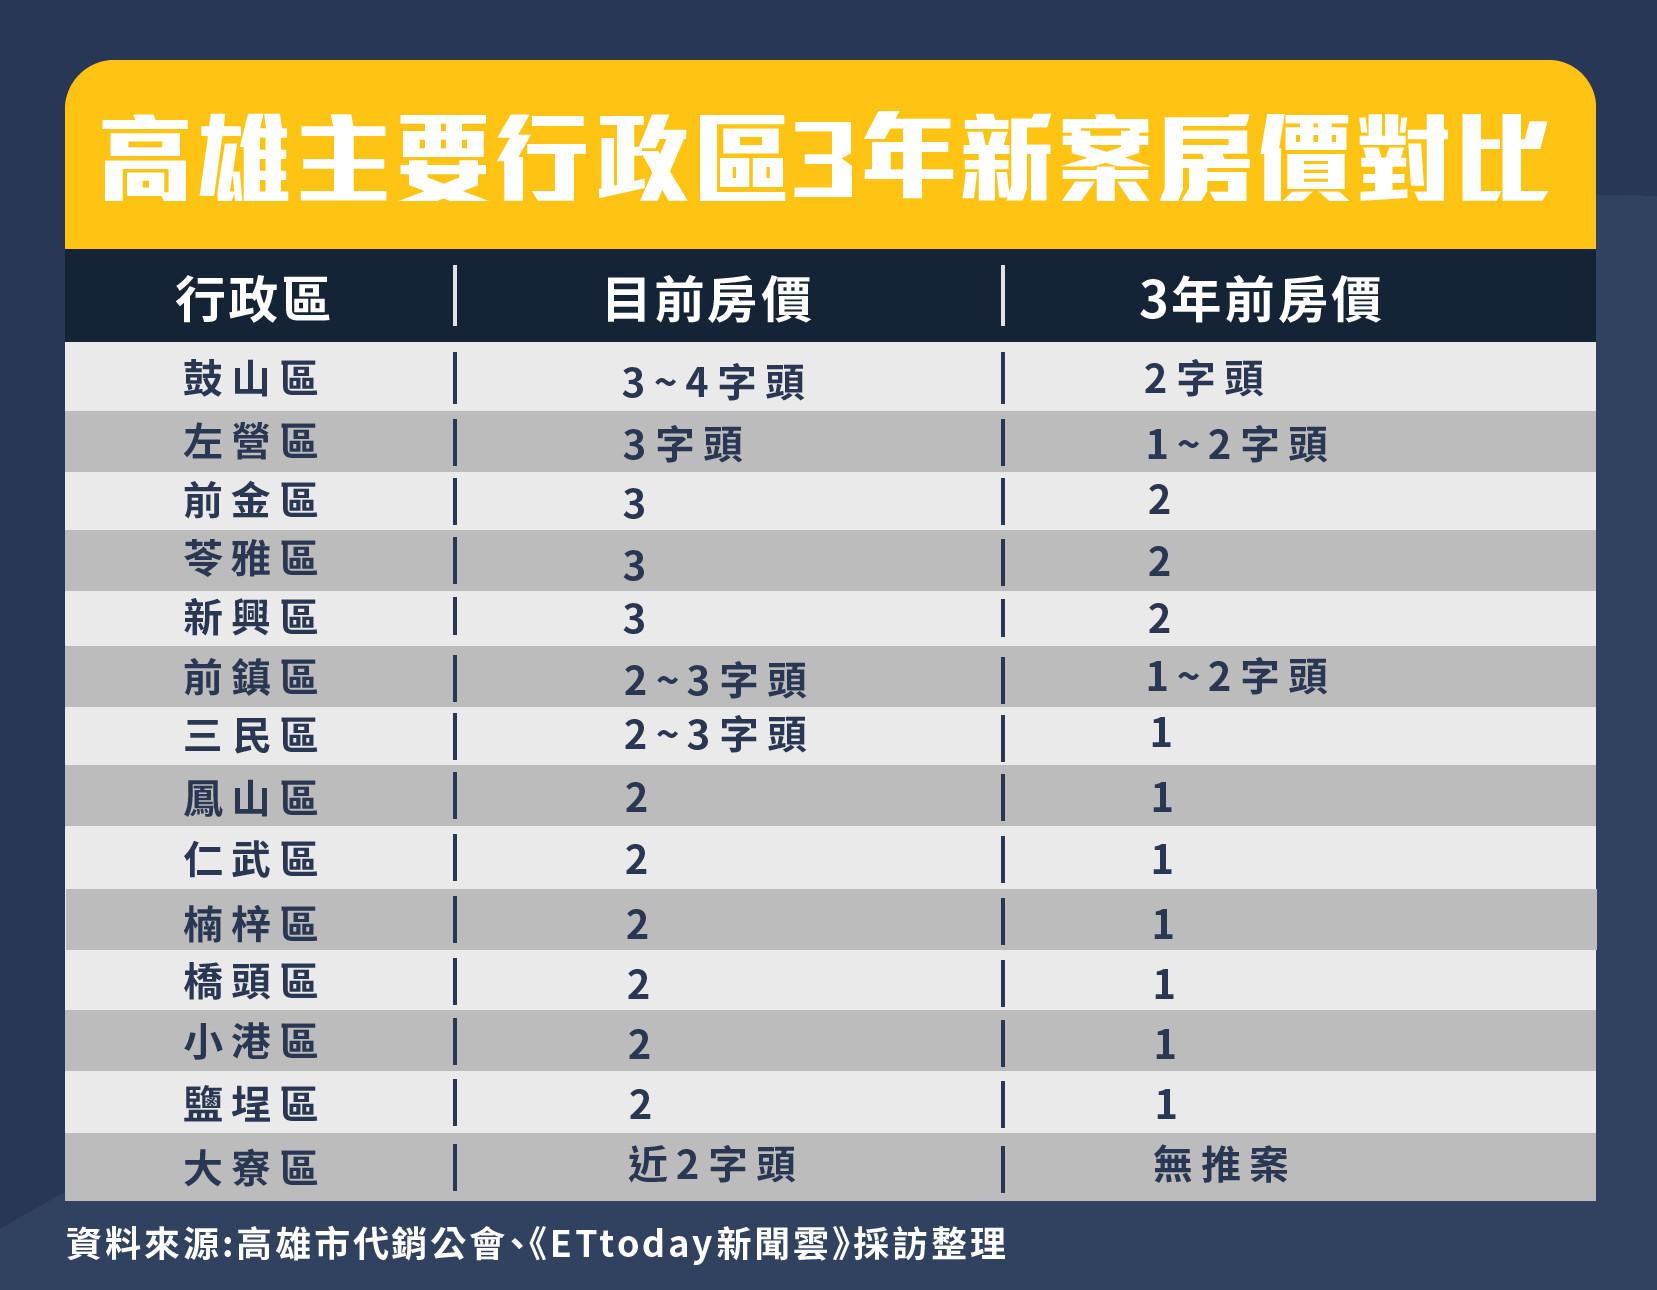 ▲▼高雄主要行政區3年新案房價對比。(圖/記者郭芳如製)